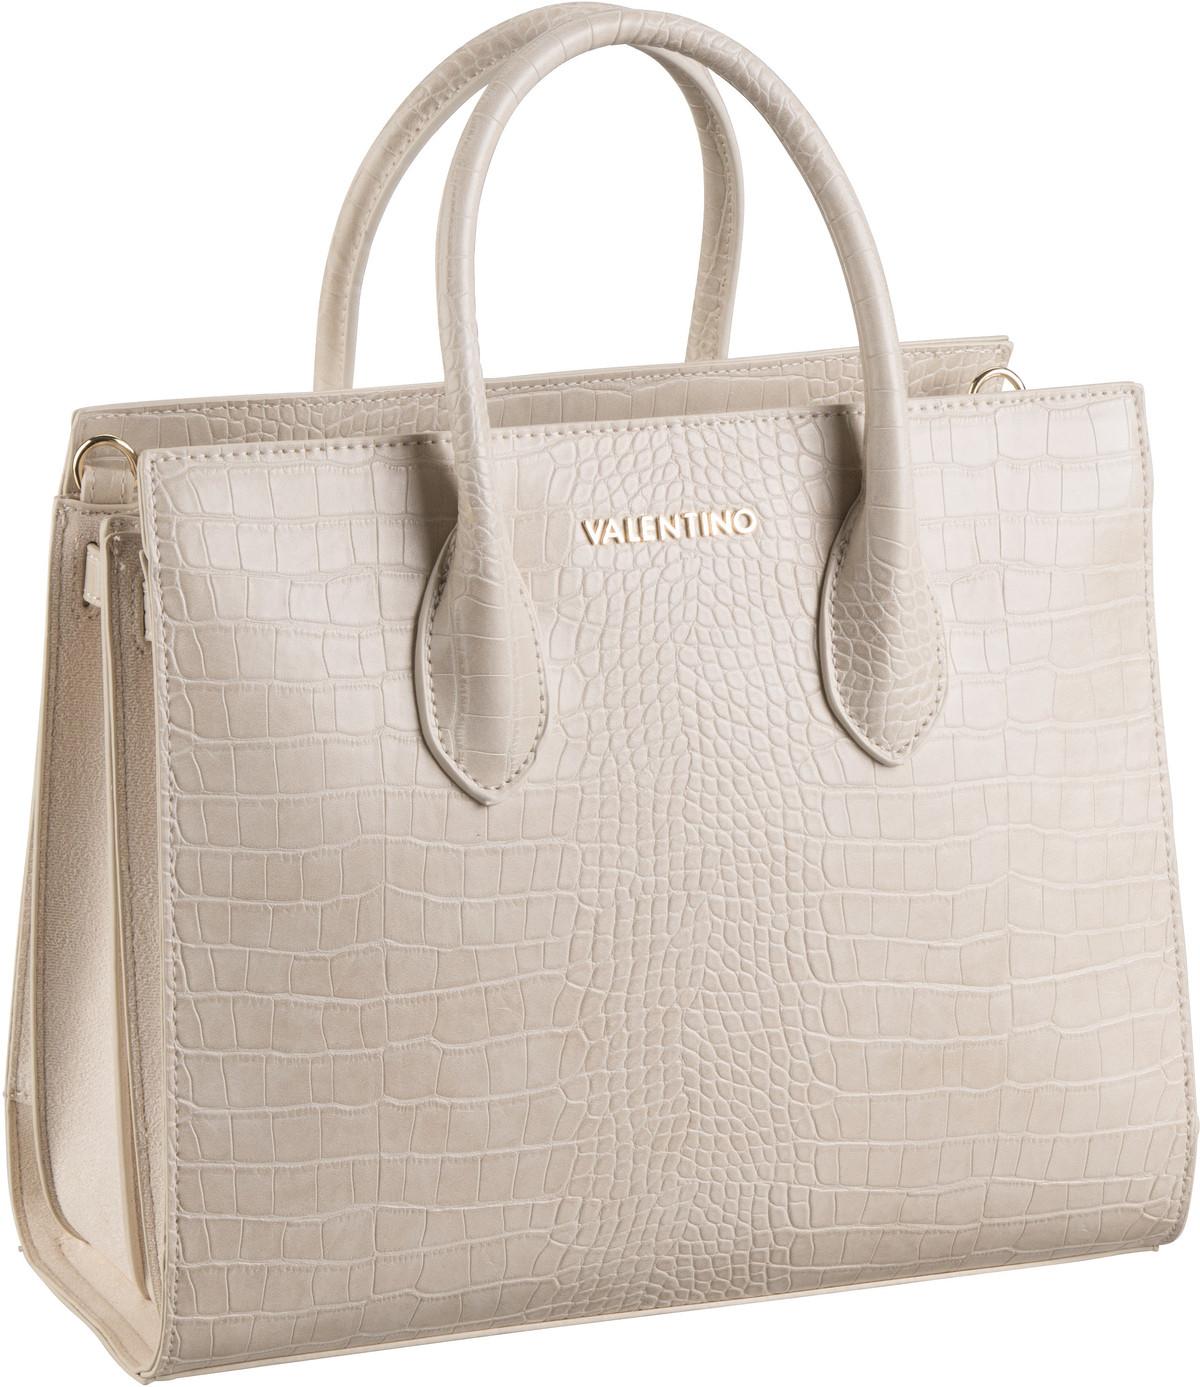 Bags Handtasche Summer Memento Shopping 101C Ecru